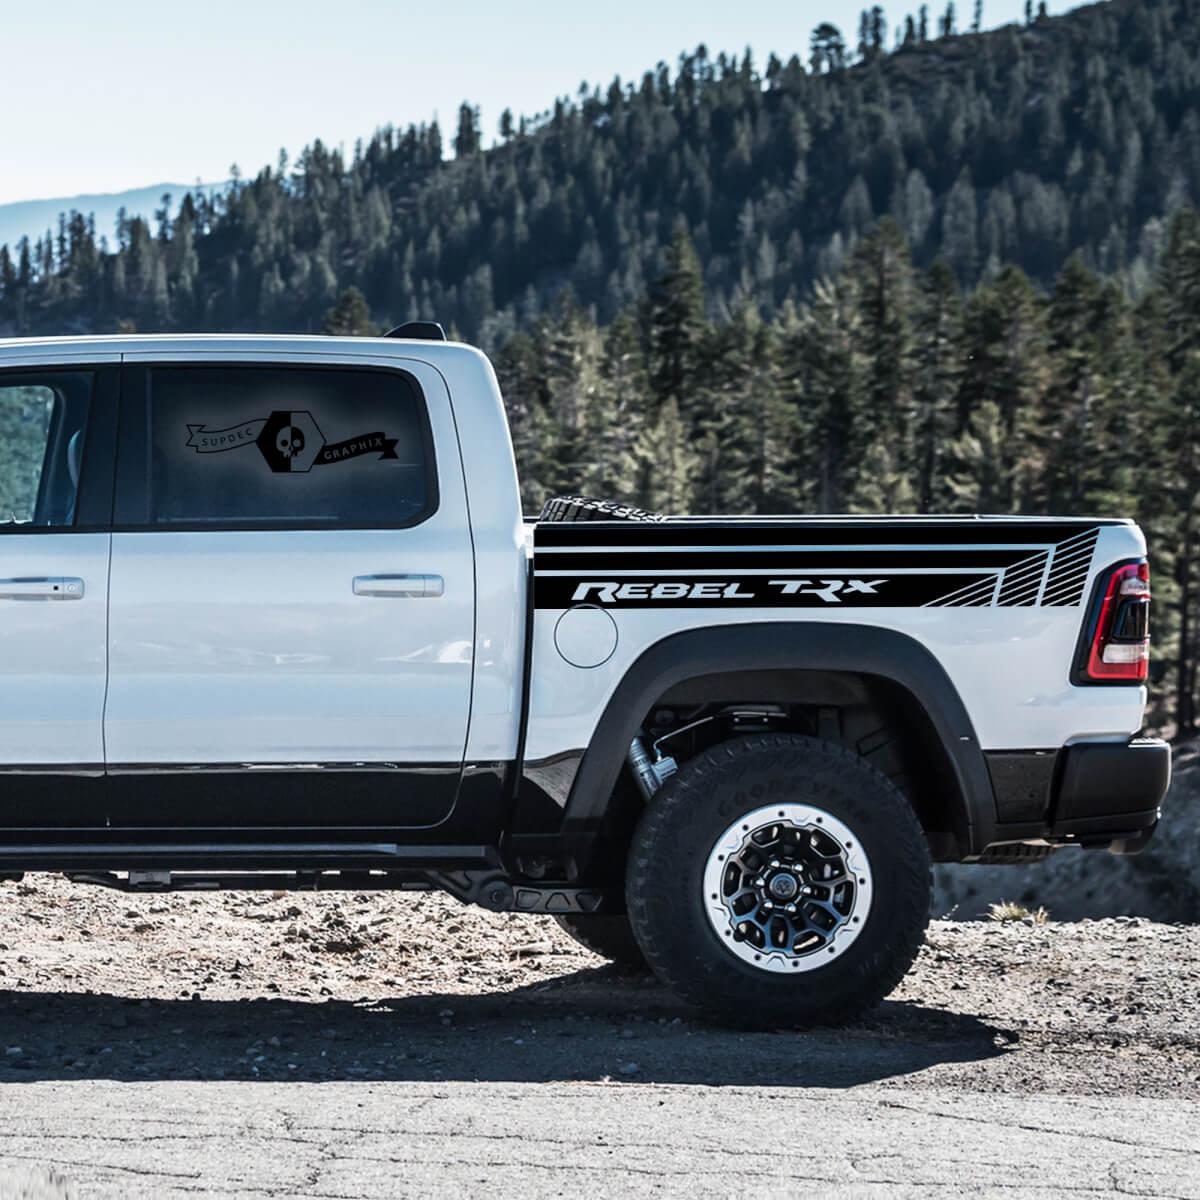 Paar Dodge Ram Rebell 2021+ Bett Side Streifen Grunge Truck Vinyl Aufkleber Bett Grafik